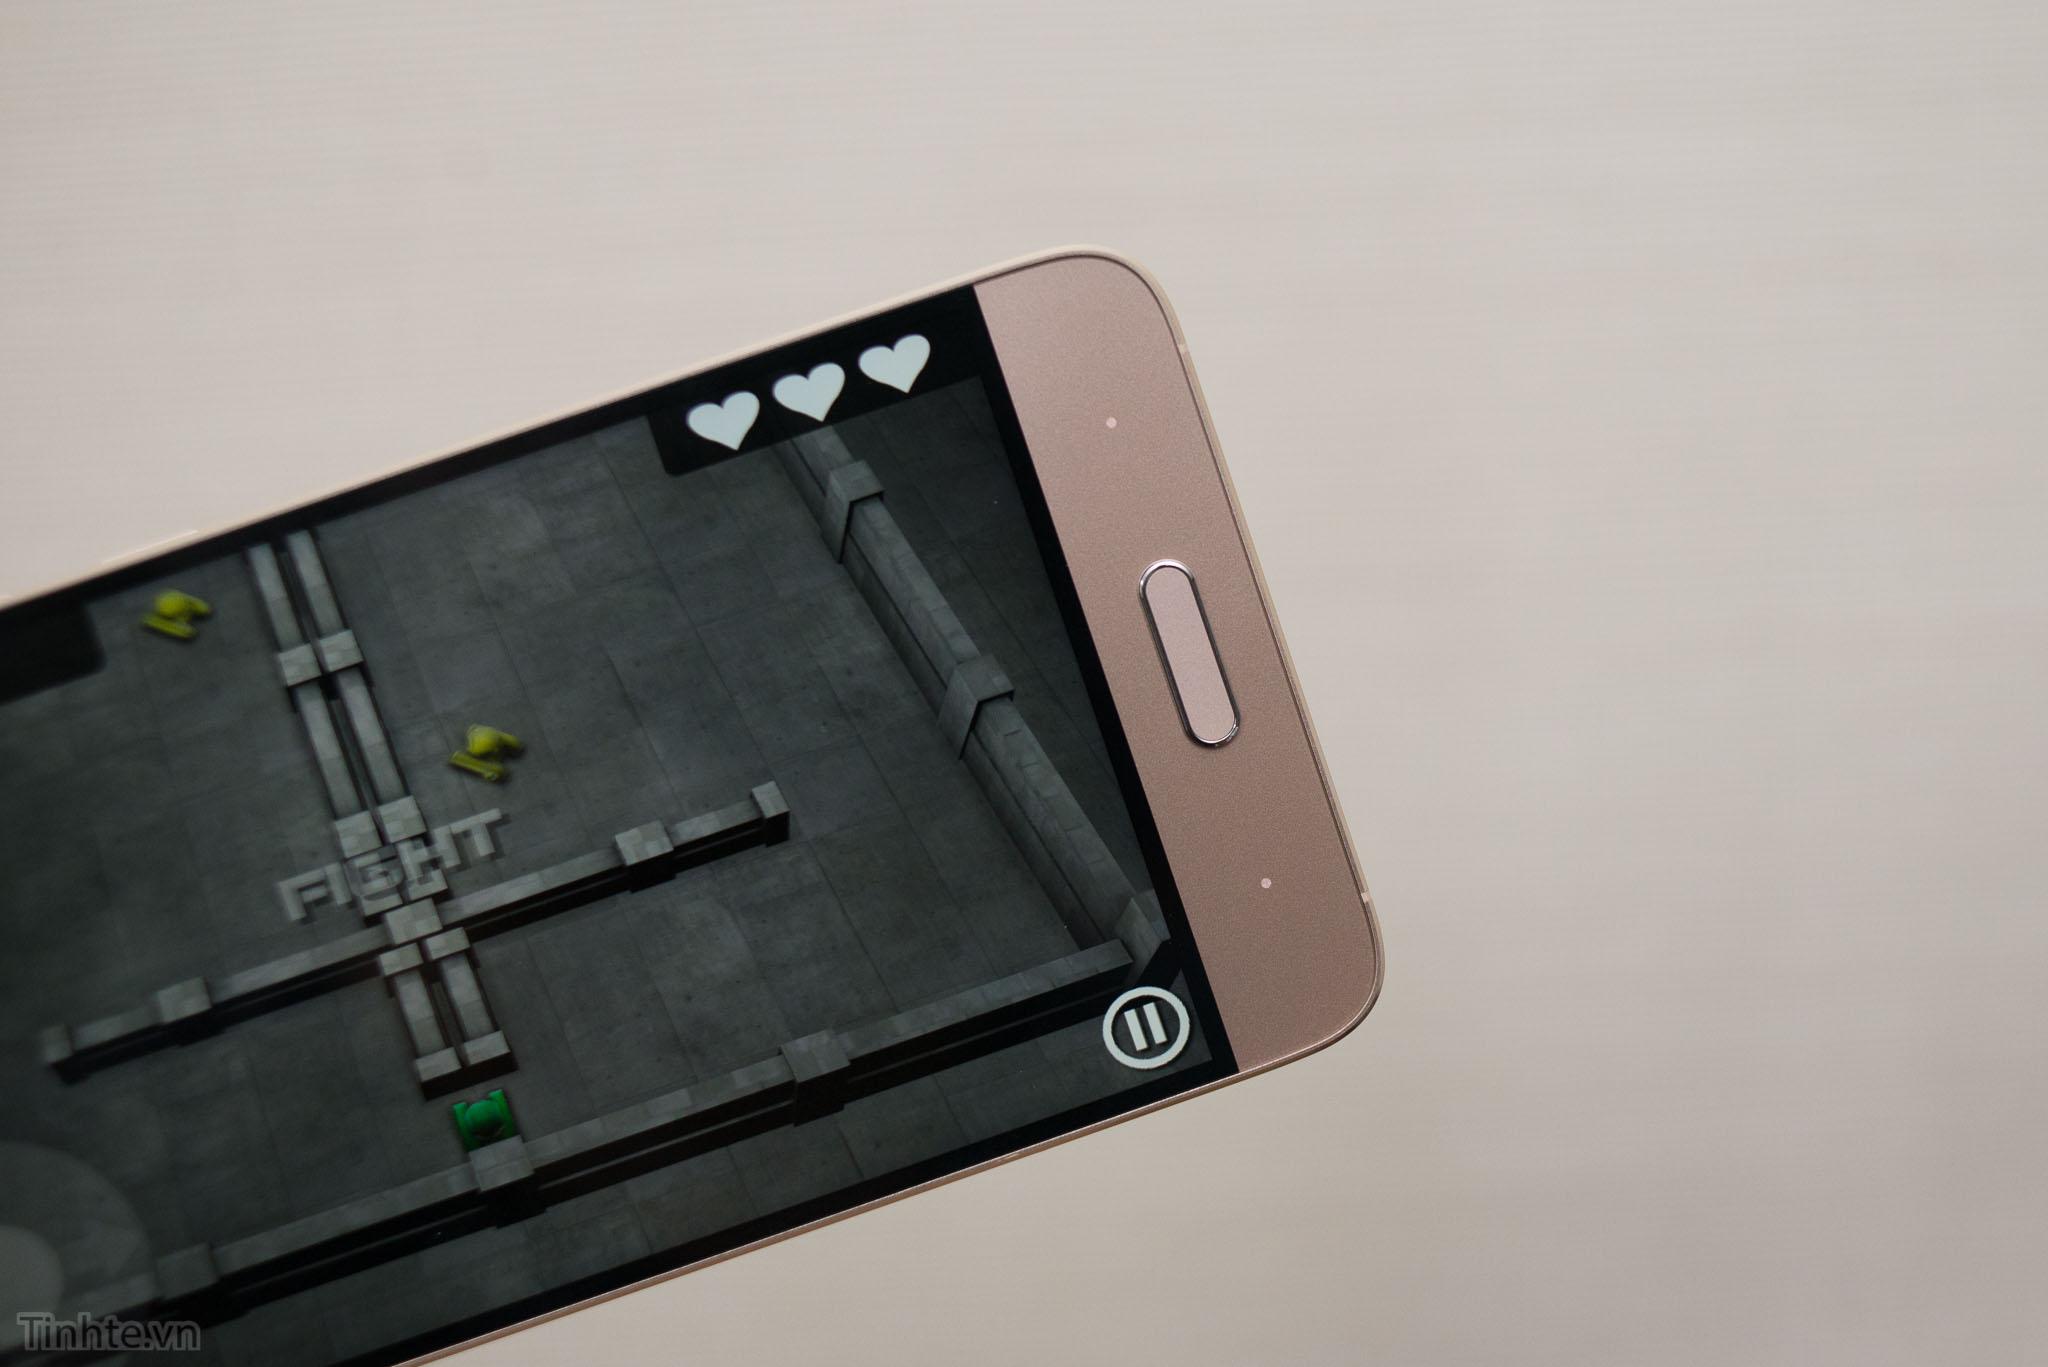 Xiaomi_Mi5_chinh_hang_tren_tay_tinhte.vn-5.jpg